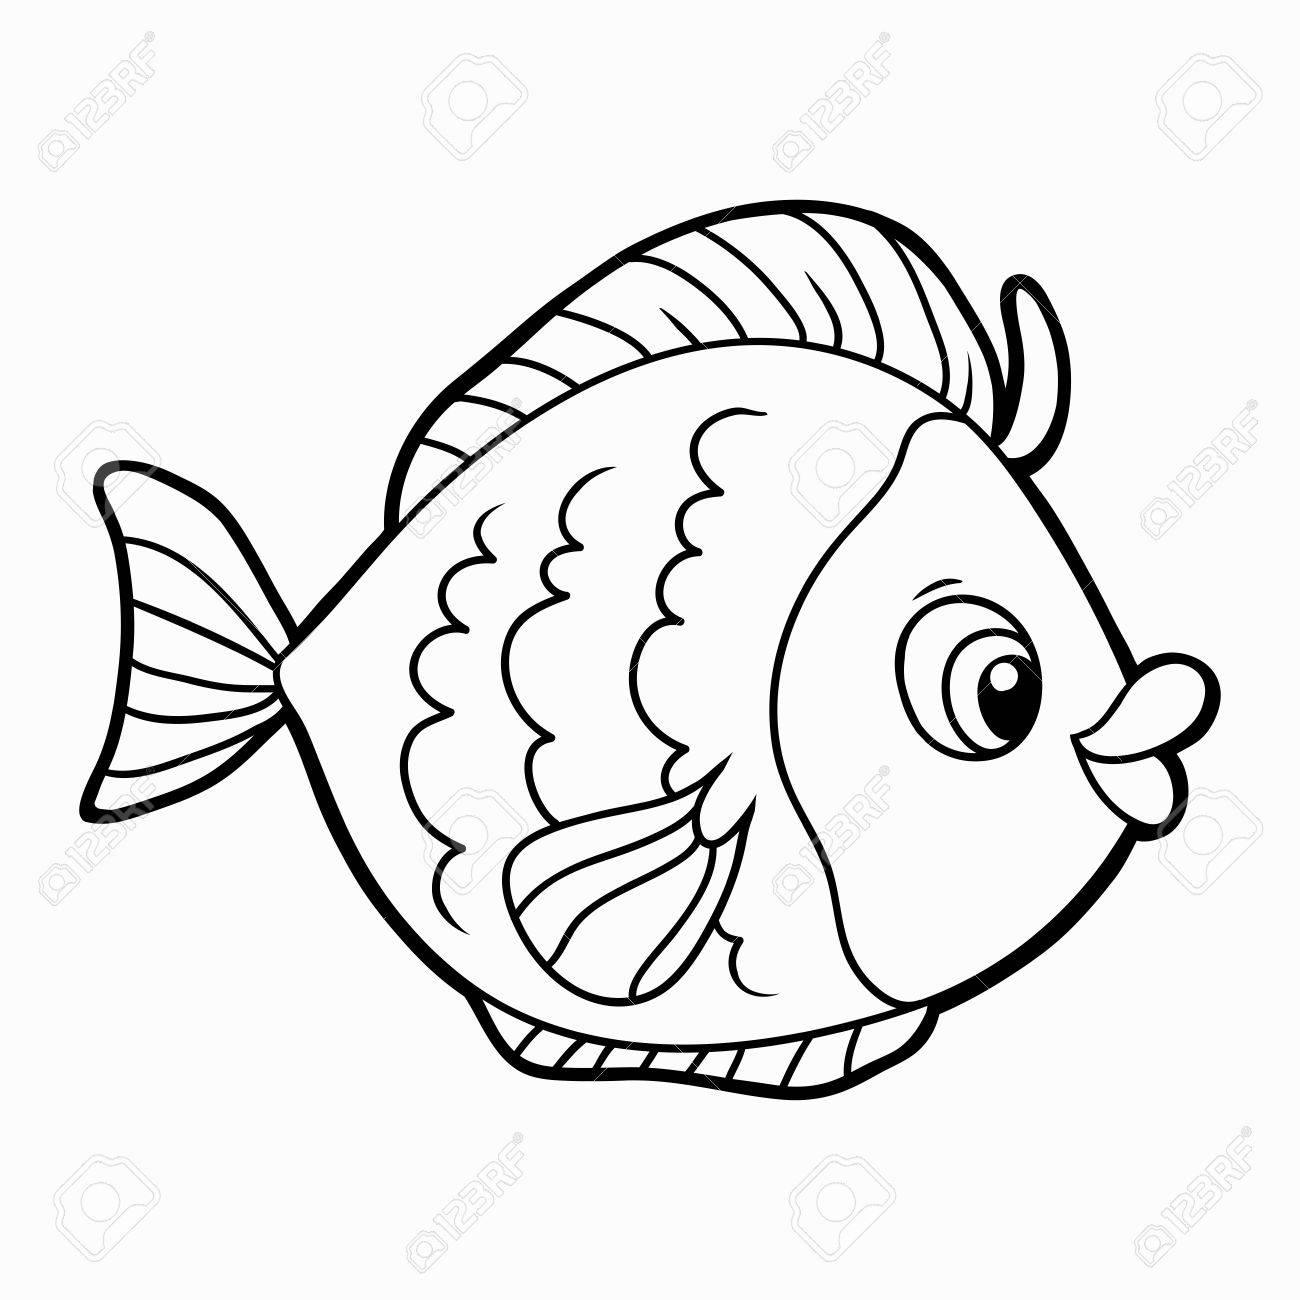 塗り絵 魚のイラスト素材ベクタ Image 34872399